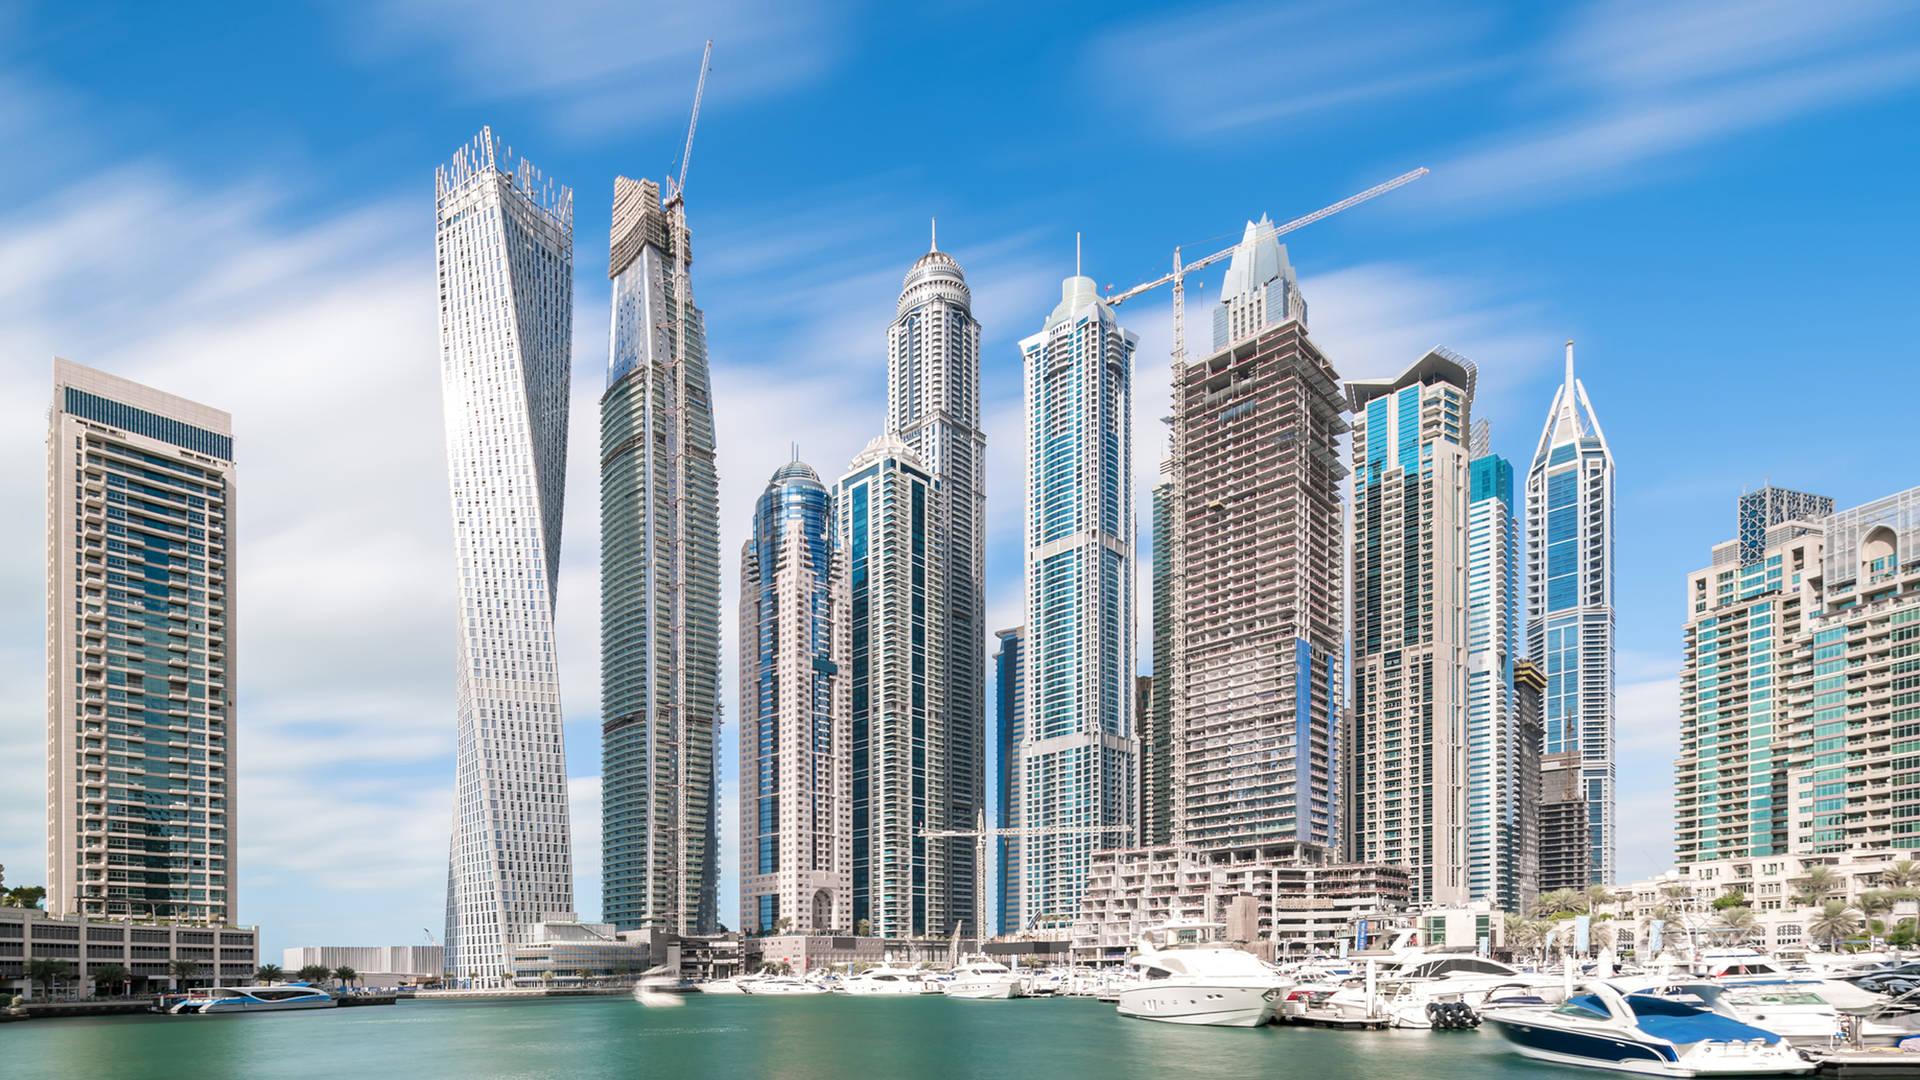 Dubai Marina Tallest block